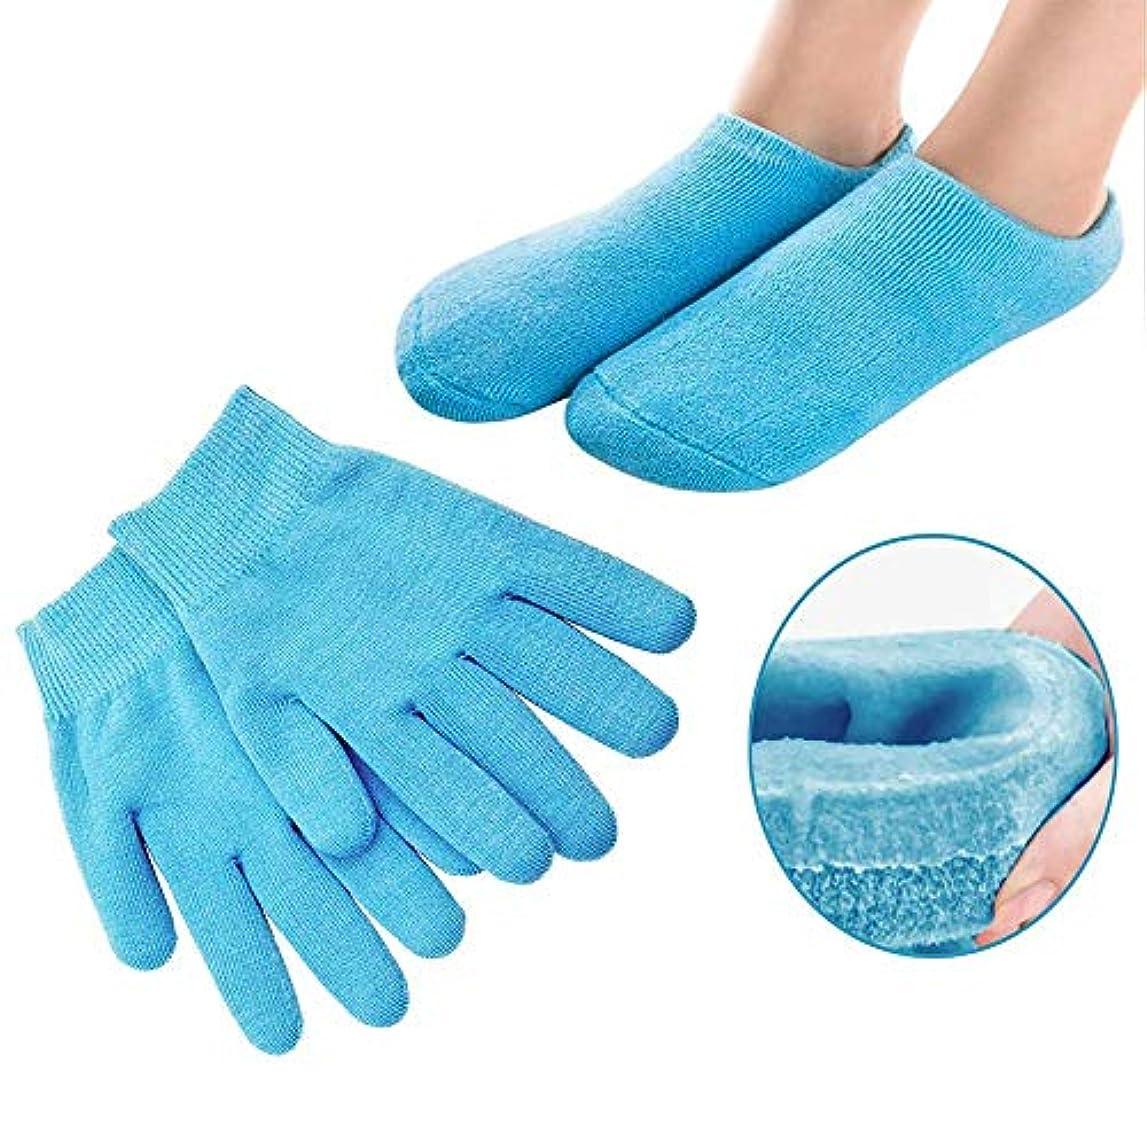 資本不機嫌そうなストリームPinkiou 眠る森のSPAジェルグローブ+SPAジェルソックス 手アグローブ フットケアソックス 角質取り 保湿 かかとケア オープントゥ 素肌美人 靴下と手袋セット いいお肌になりましょう(ブルー)